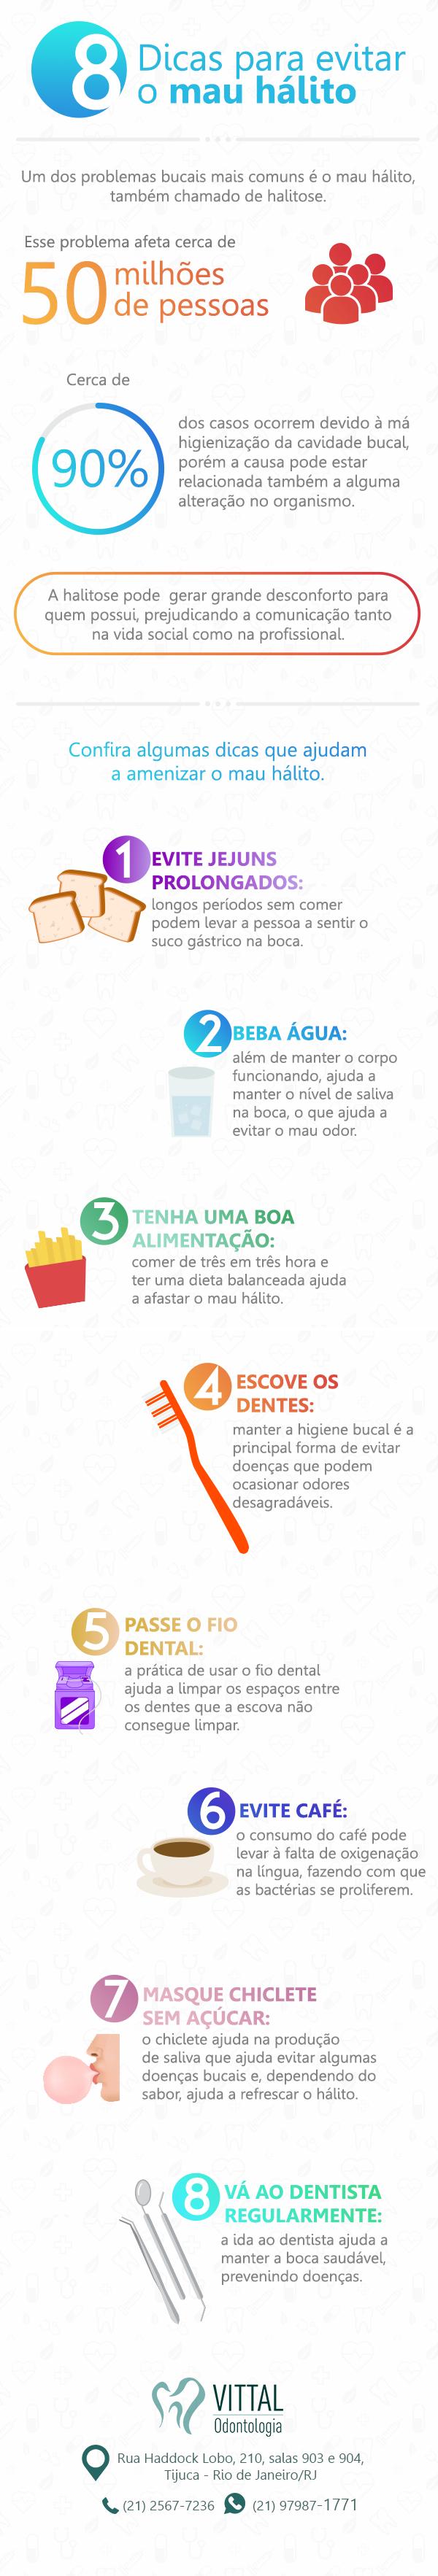 8 Dicas para evitar o mau hálito   Vittal Odontologia